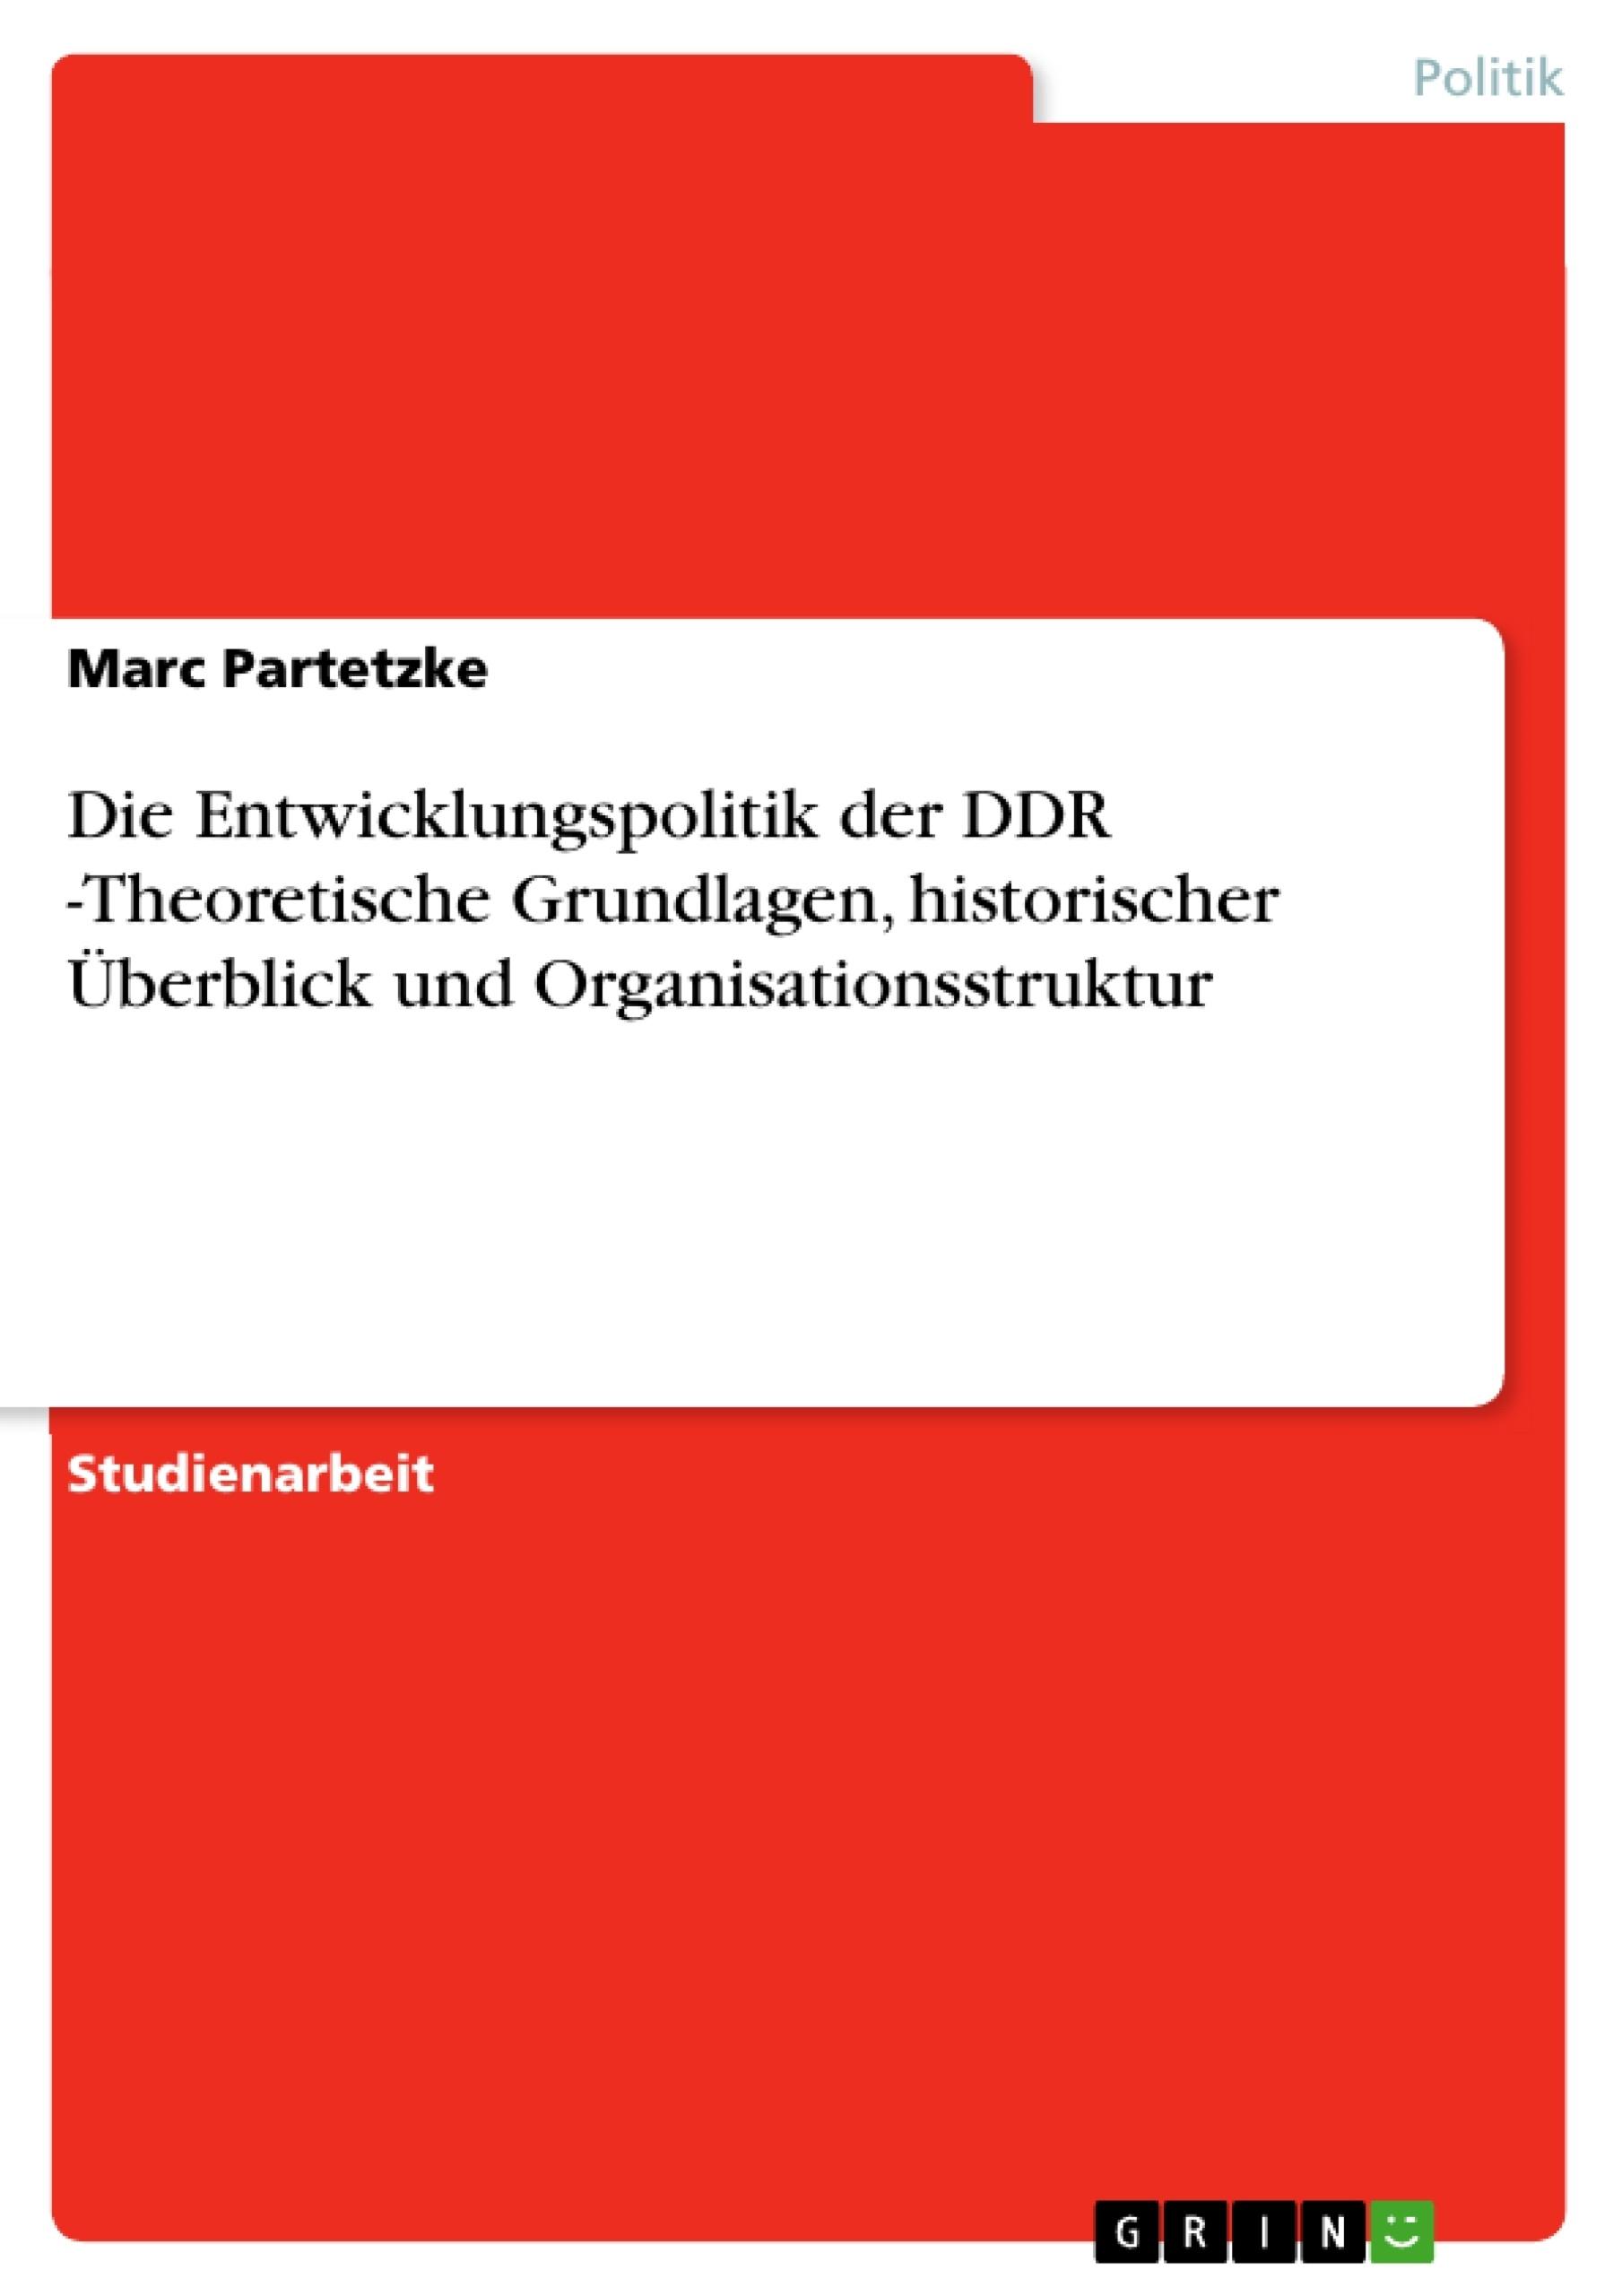 Titel: Die Entwicklungspolitik der DDR -Theoretische Grundlagen, historischer Überblick und Organisationsstruktur